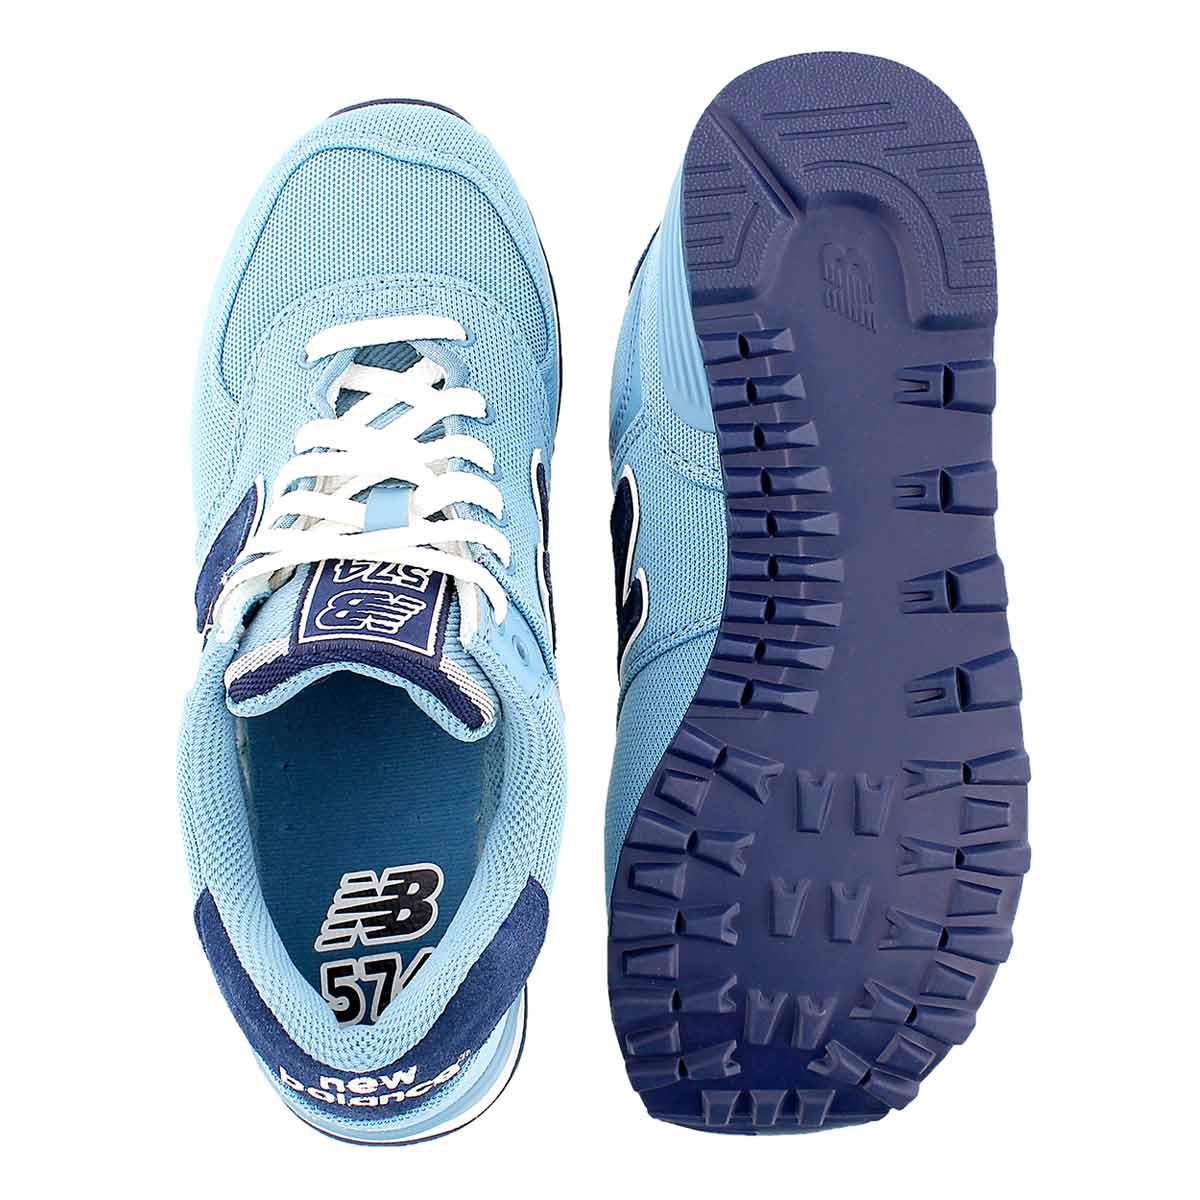 Lds 574 Carolina blue lace up sneaker